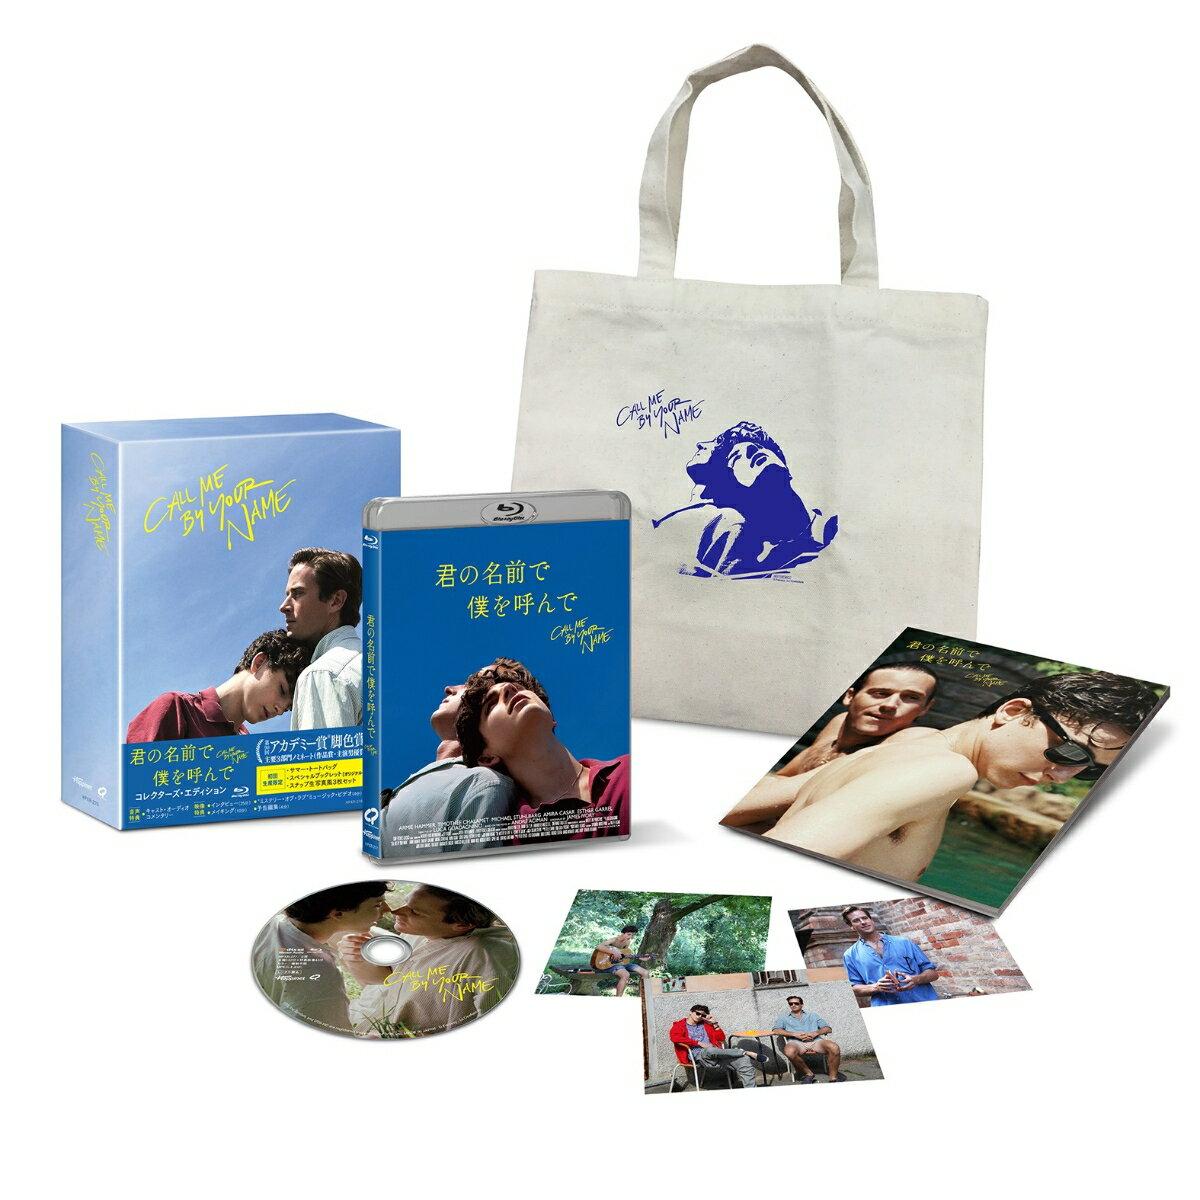 君の名前で僕を呼んで コレクターズ・エディション(初回生産限定)【Blu-ray】 [ ティモシー・シャラメ ]